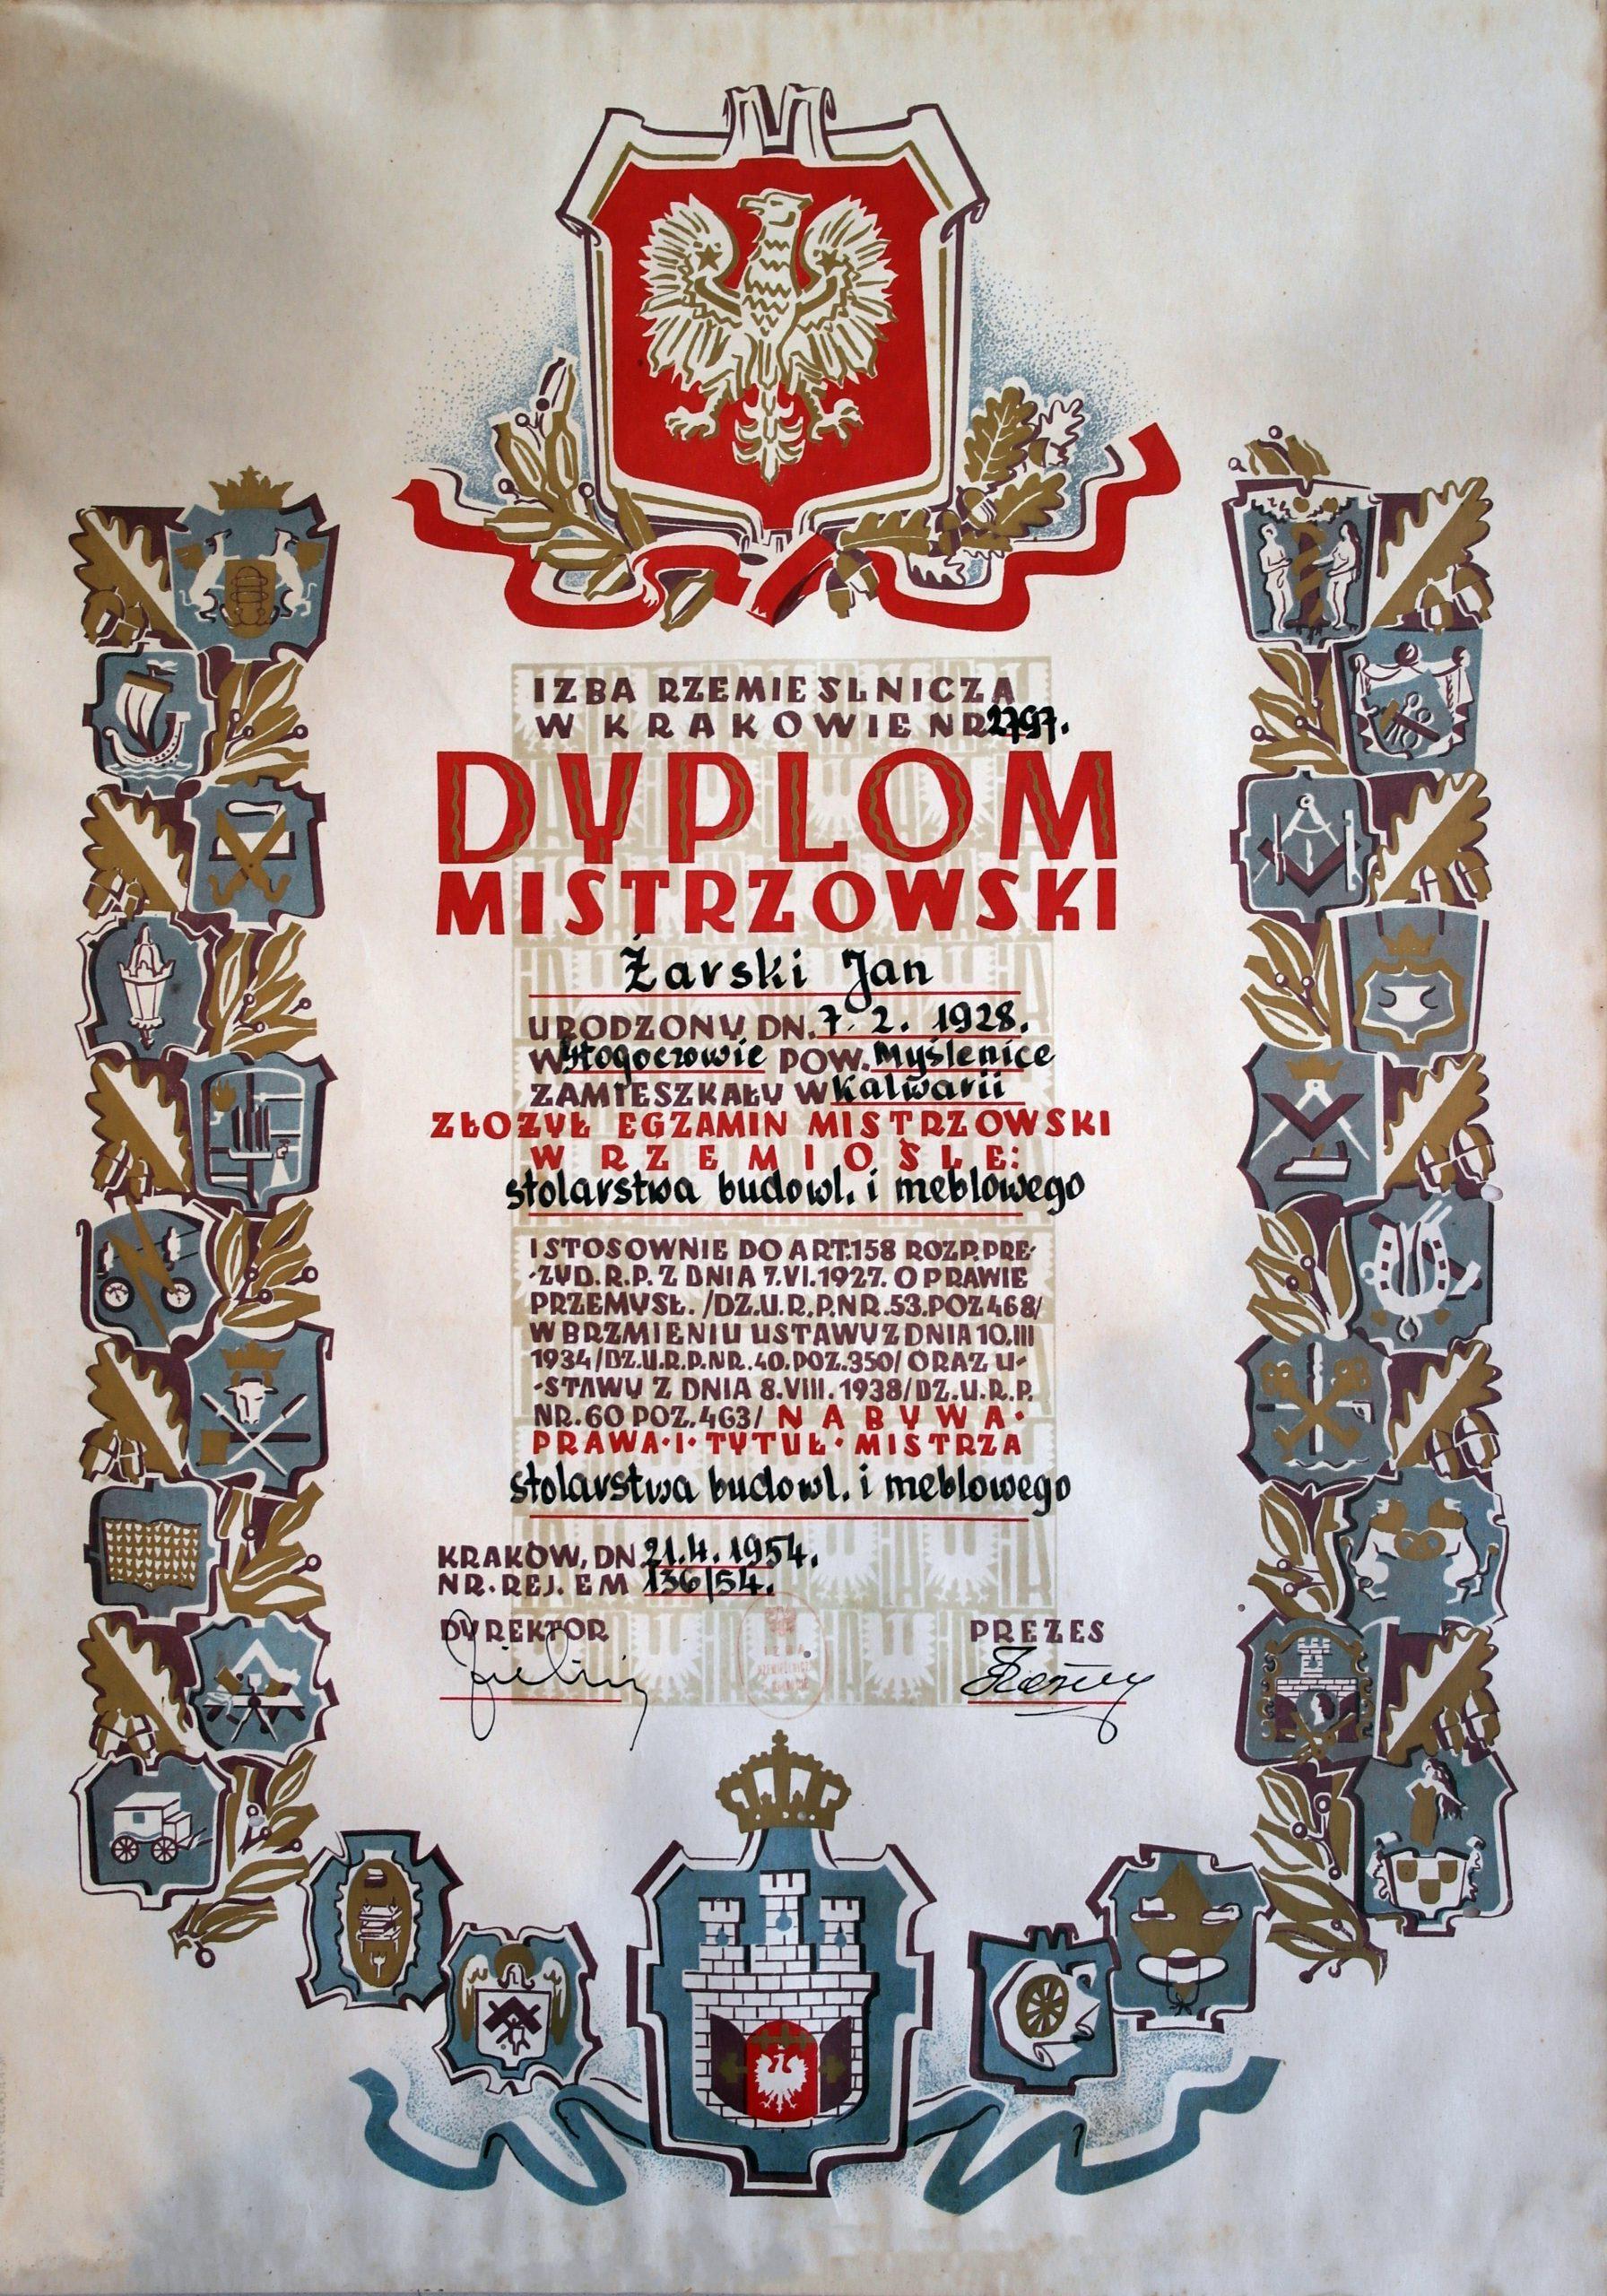 Dyplom Mistrzowski - Jan Żarski